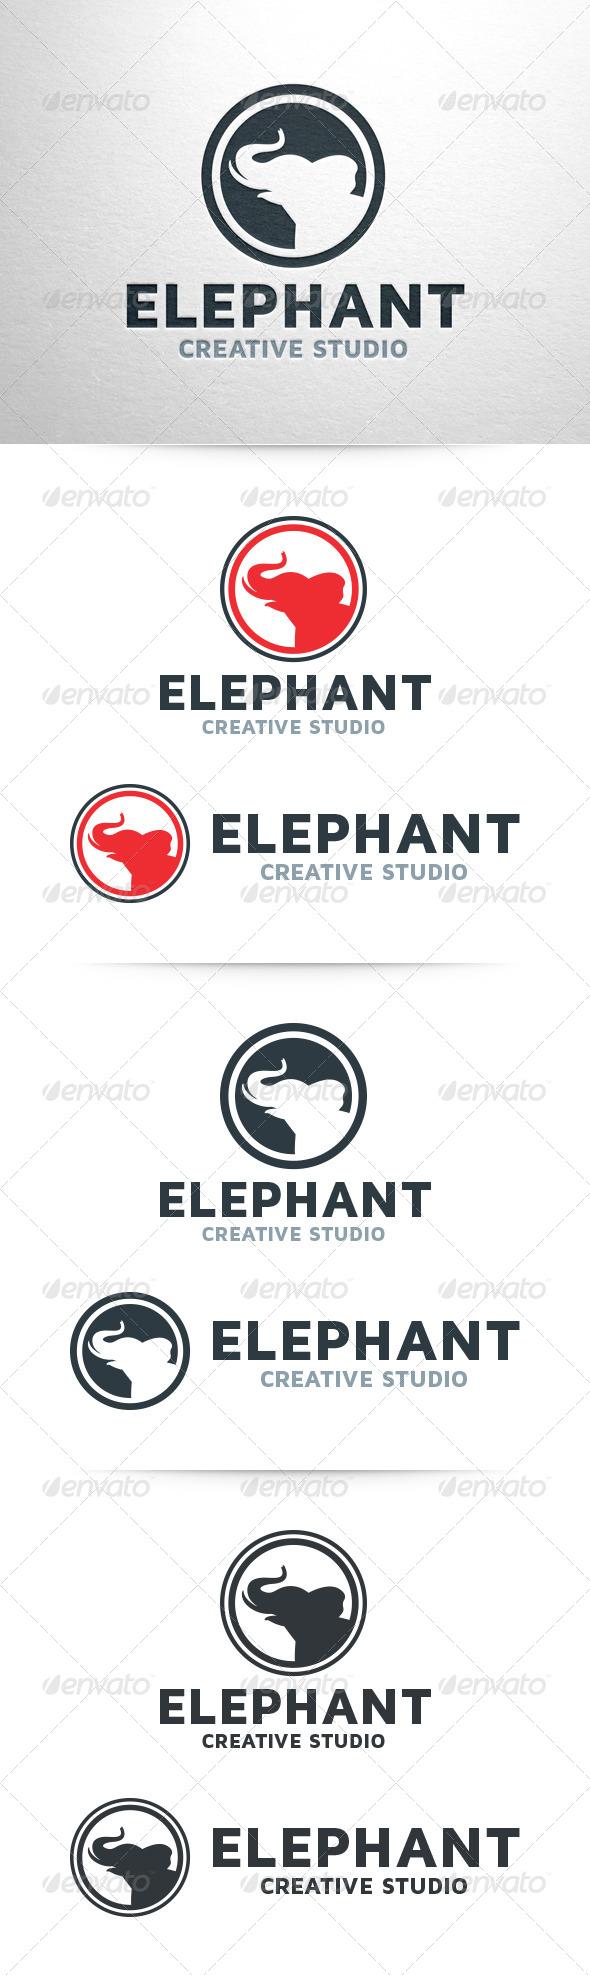 GraphicRiver Elephant Logo Template 6537254